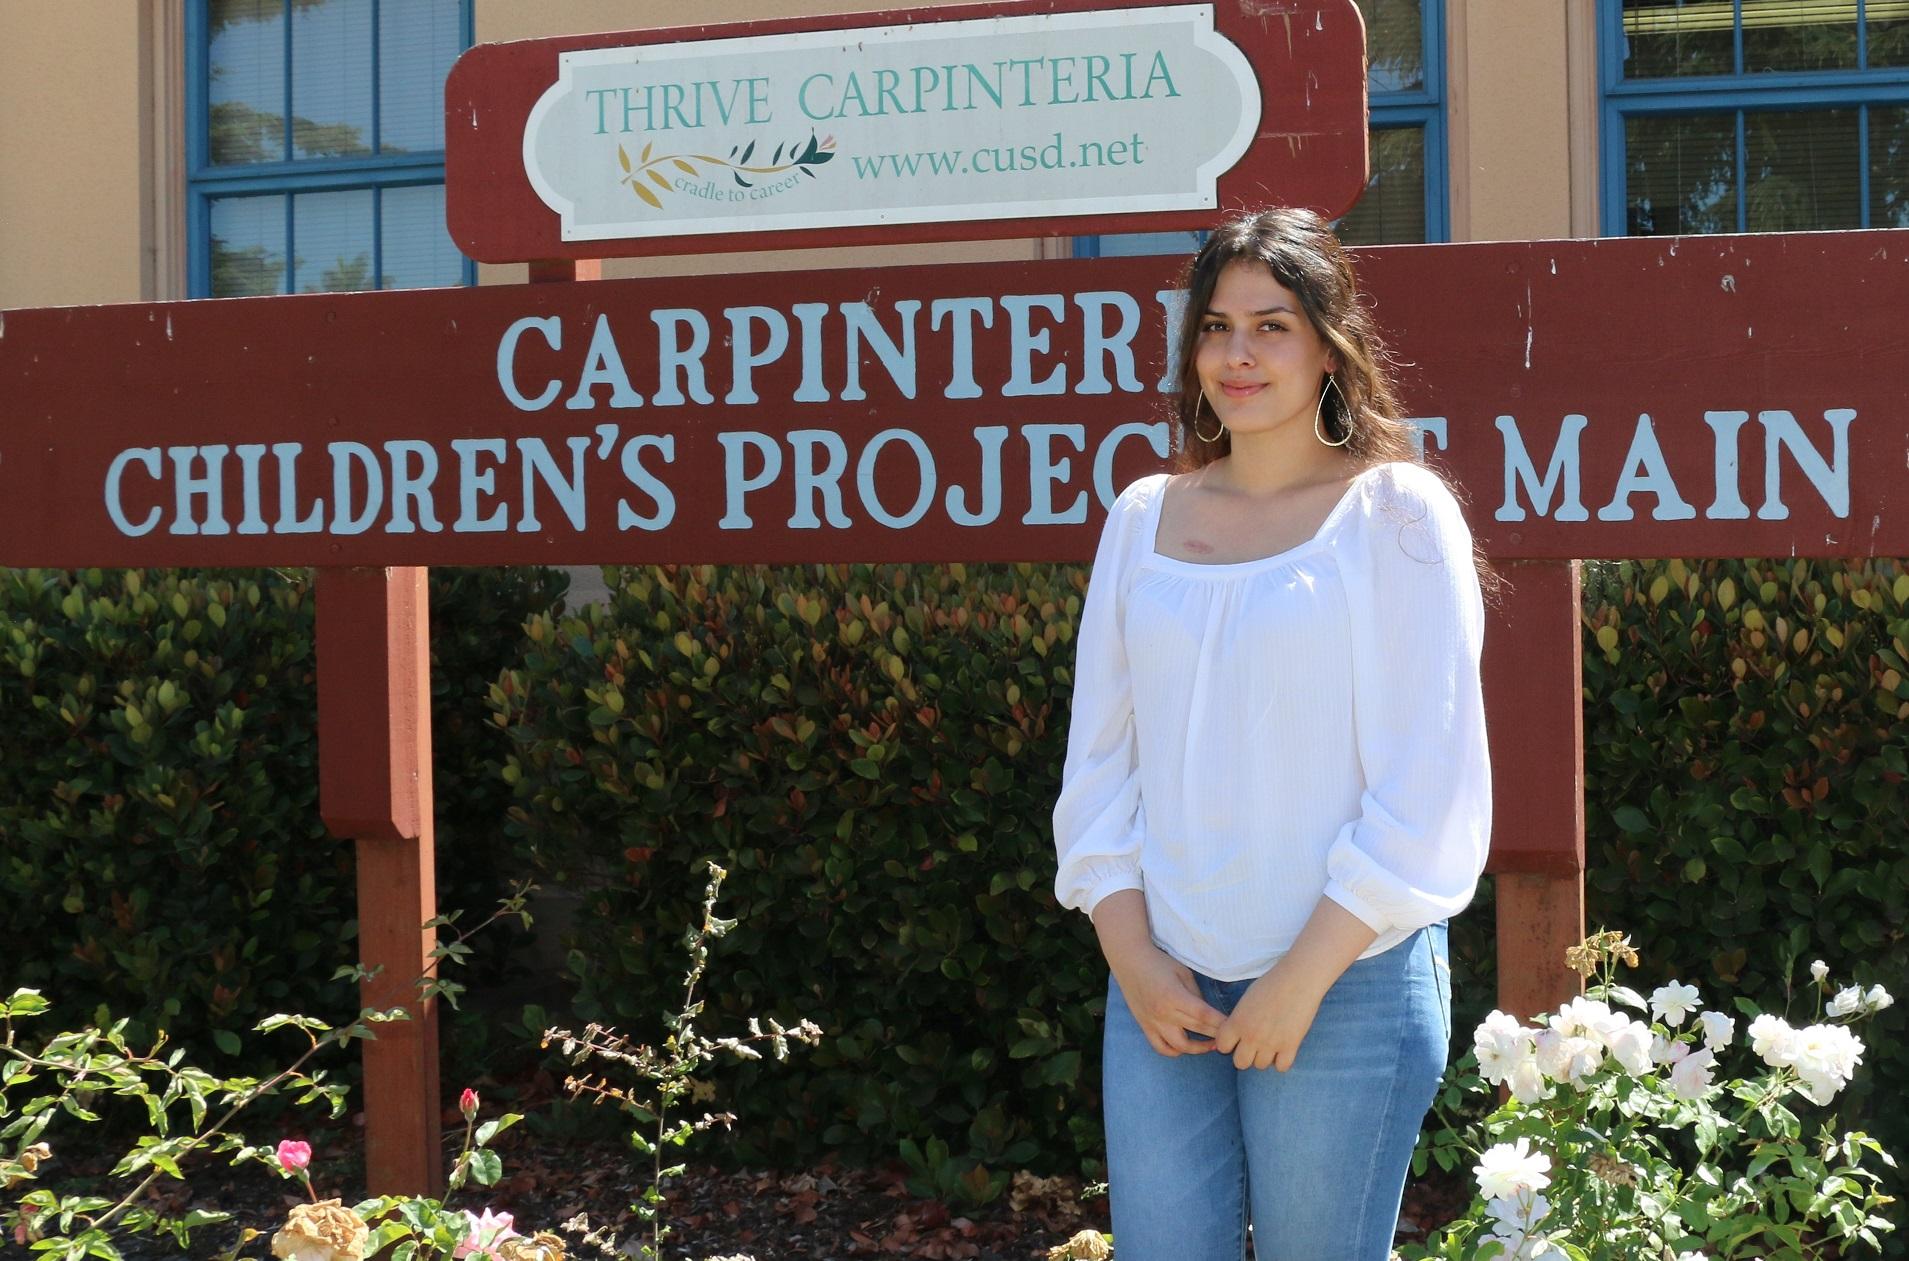 Senior Support Services in Carpinteria